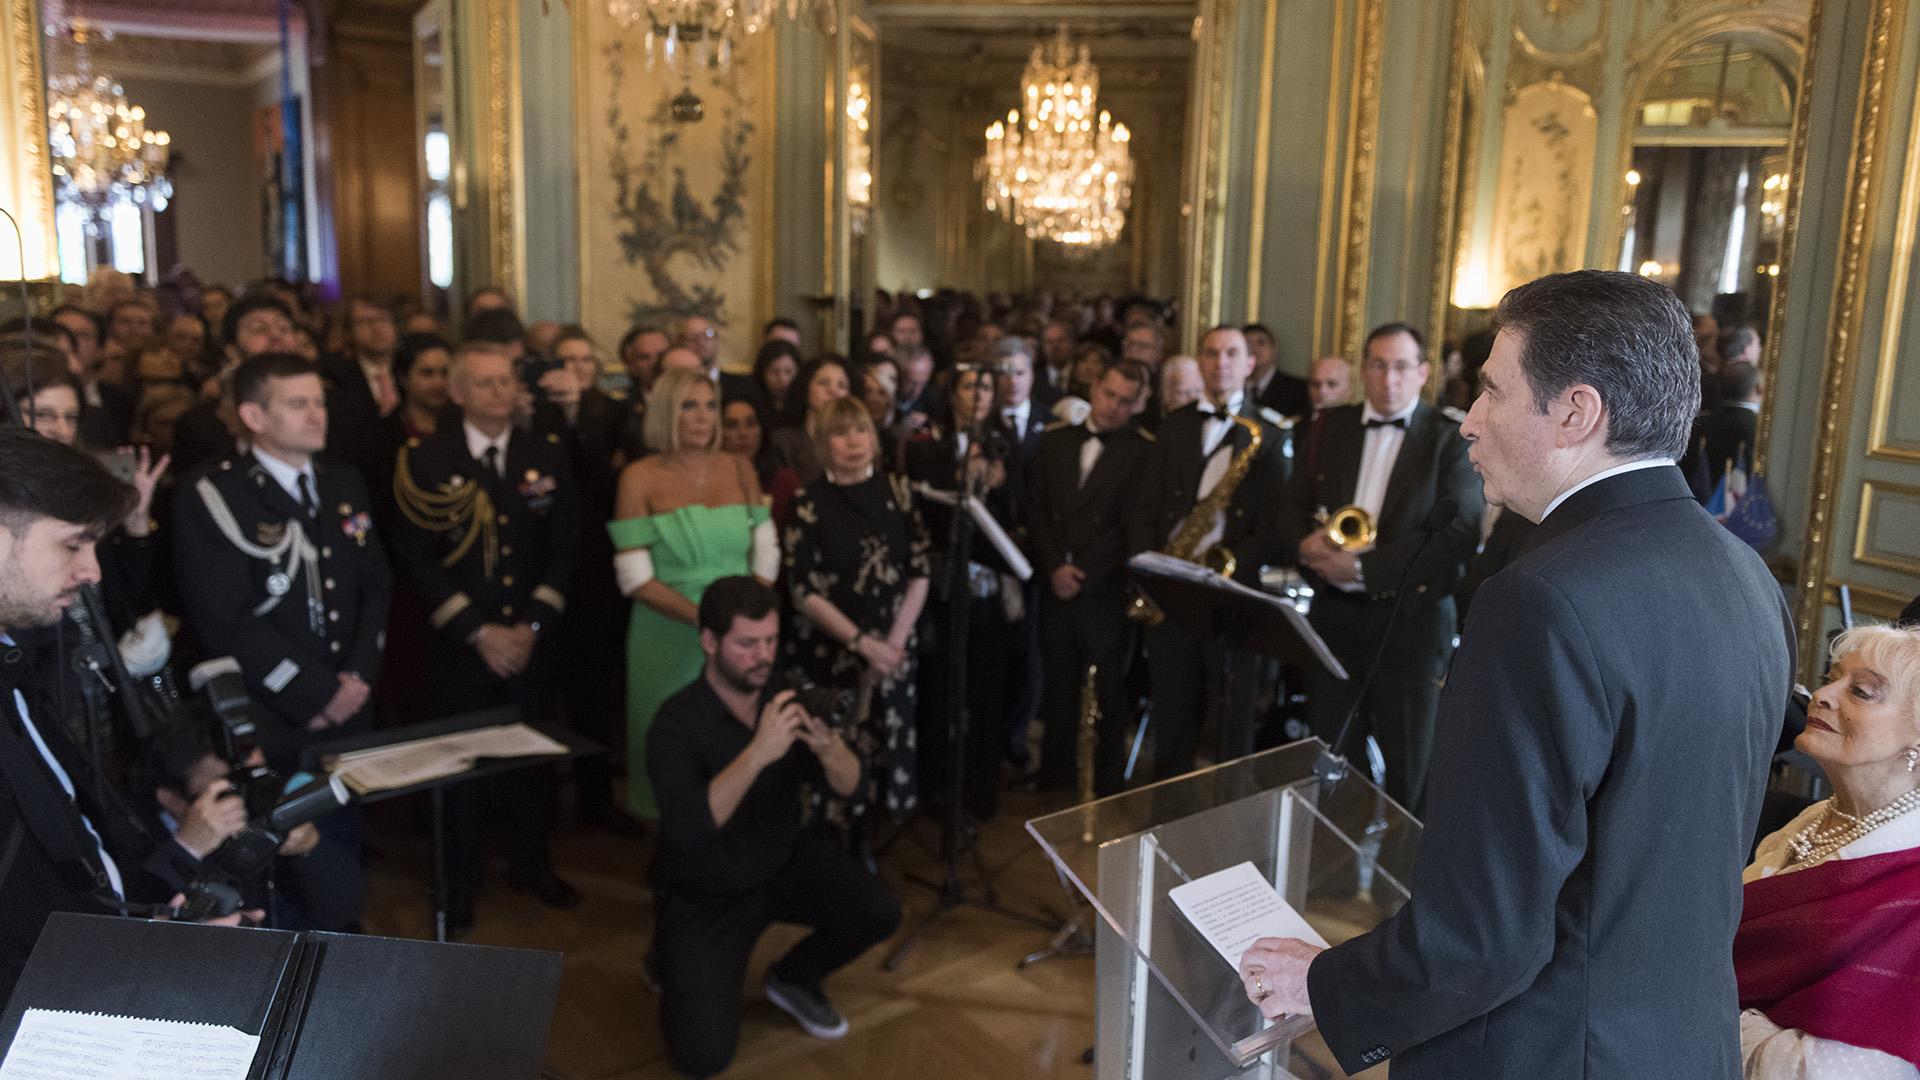 Los invitados en uno de los imponentes salones de la embajada de Francia